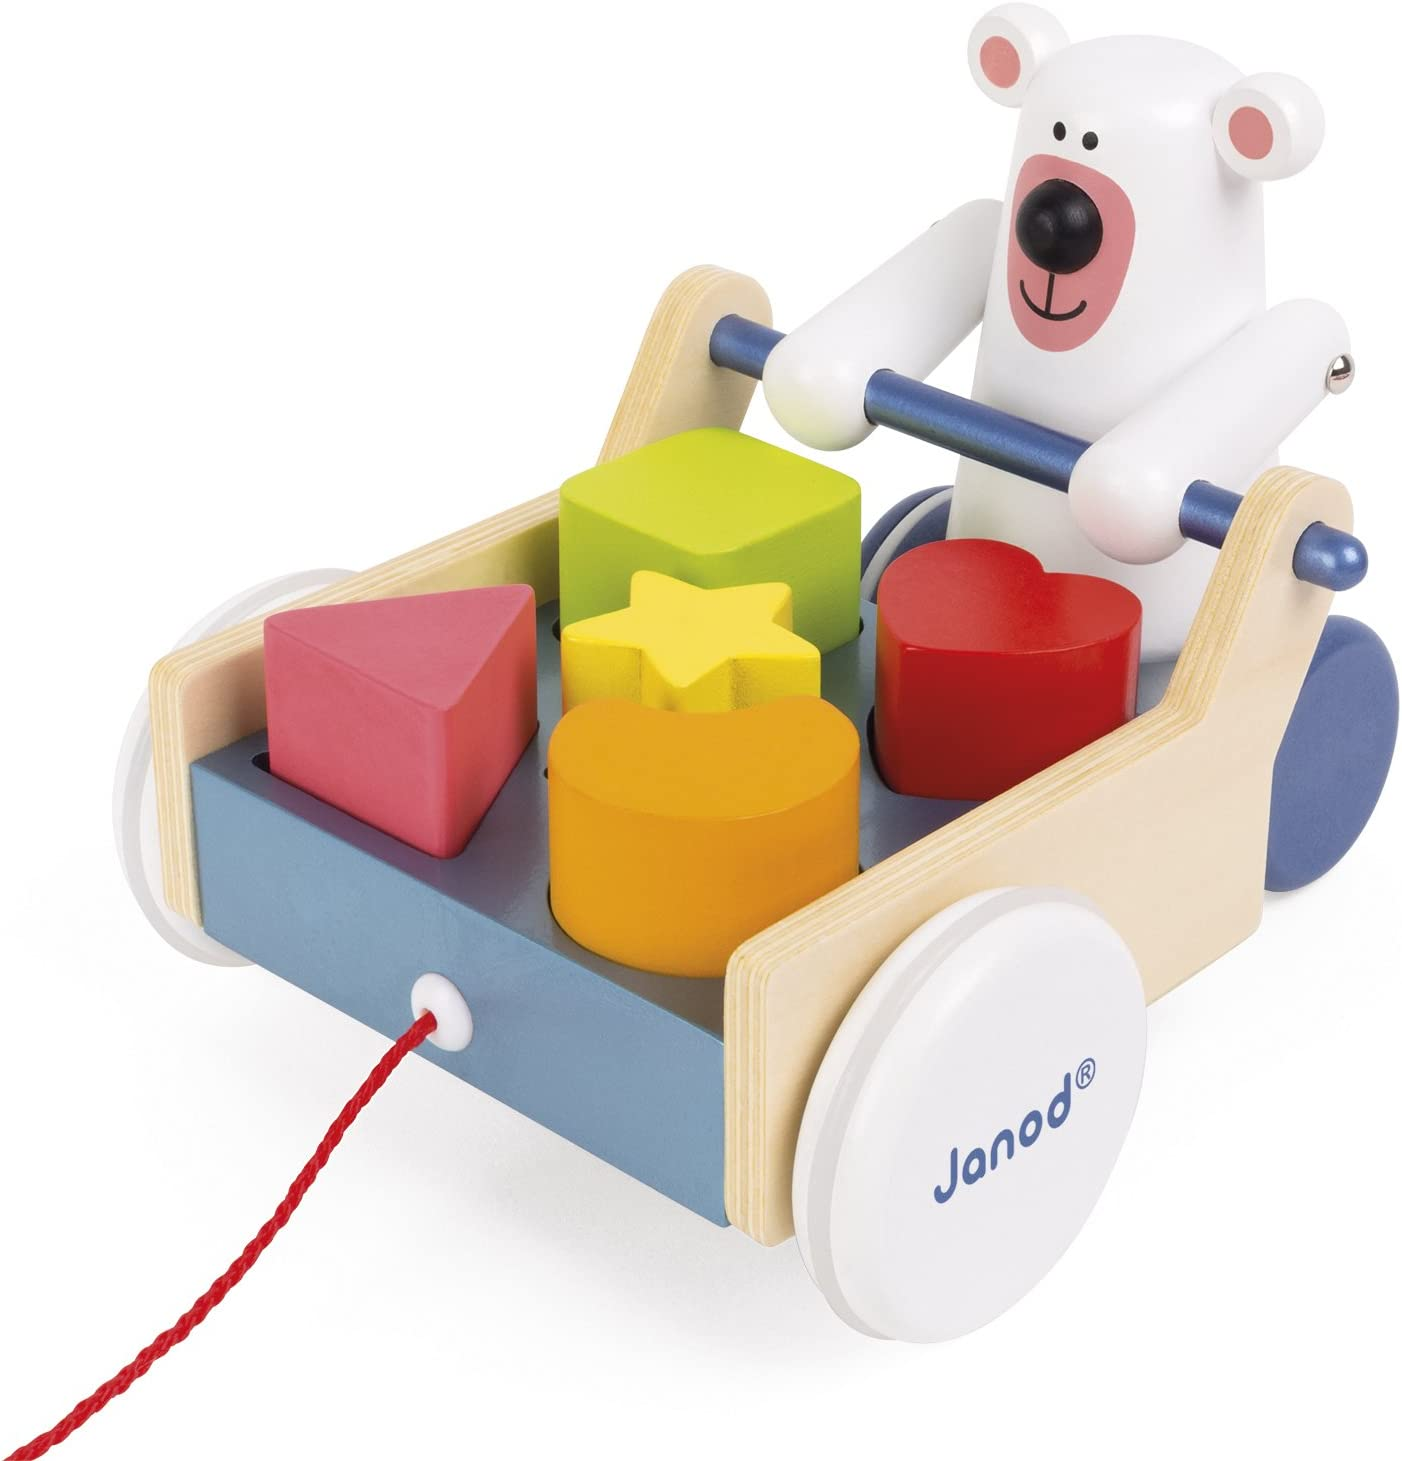 Janod - Caja de formas con oso, zigolos para pasear (Juratoys J08195) , color/modelo surtido: Amazon.es: Juguetes y juegos